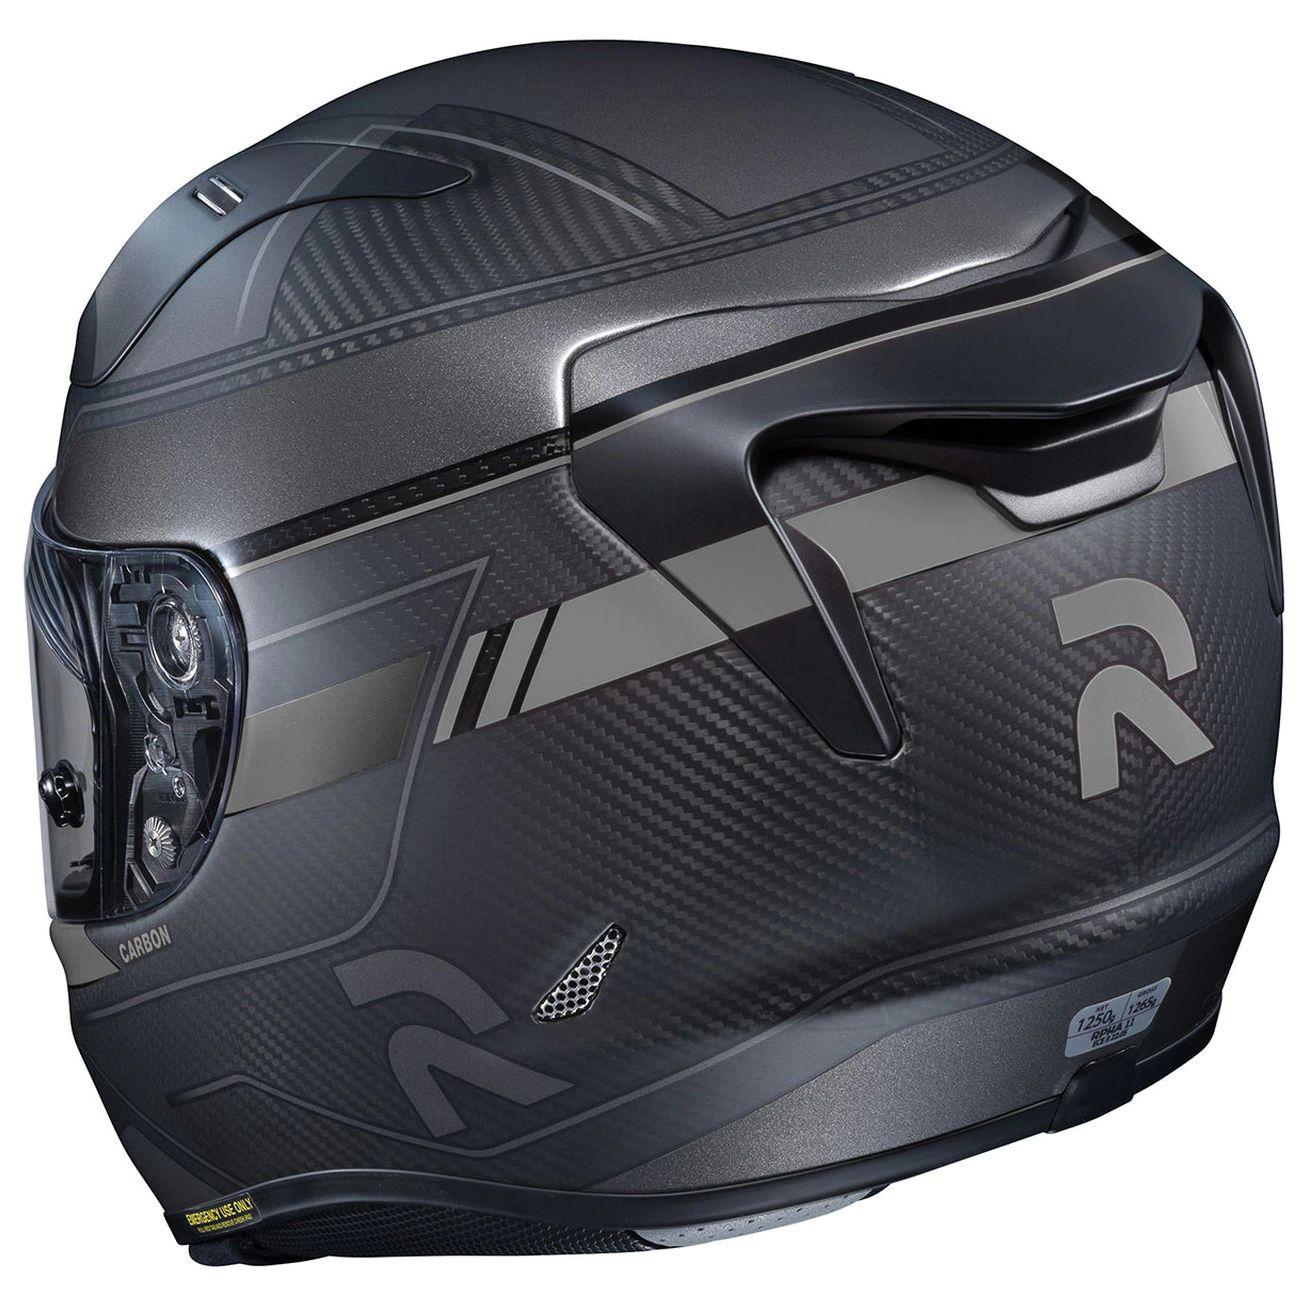 El casco HJC RPHA 11 CARBON se renueva para un mayor